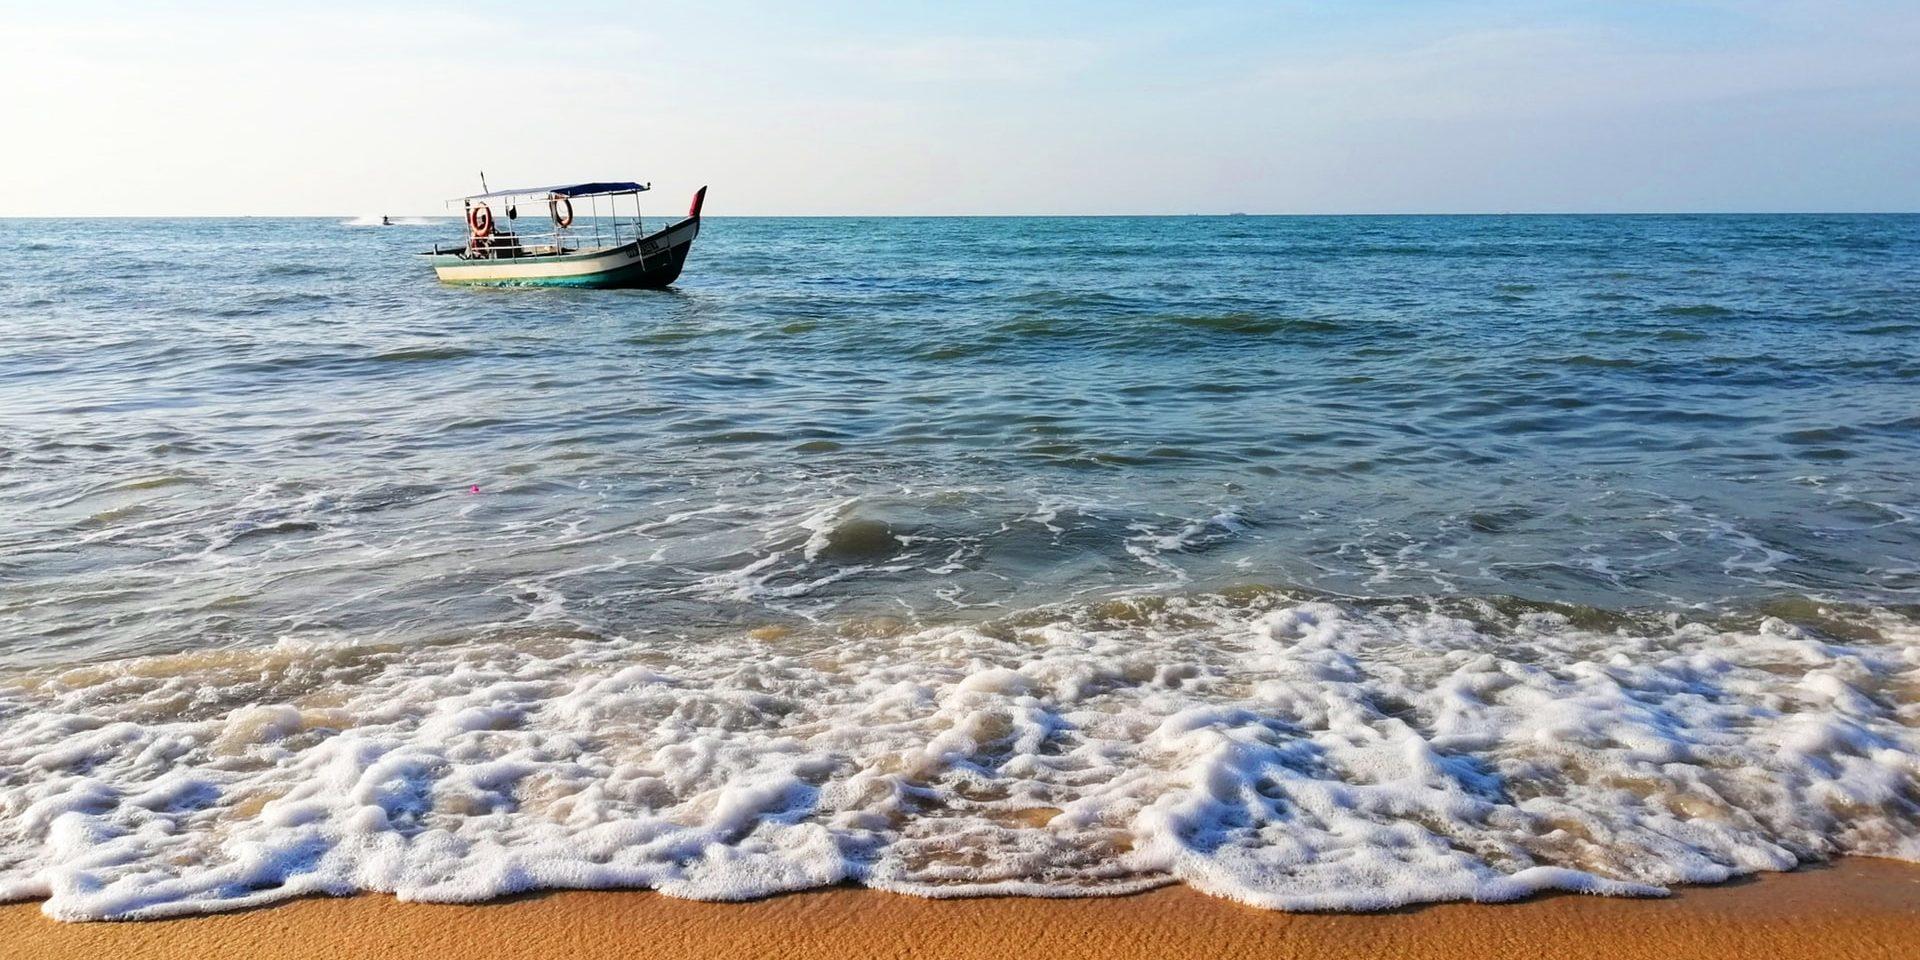 Ocean, boat